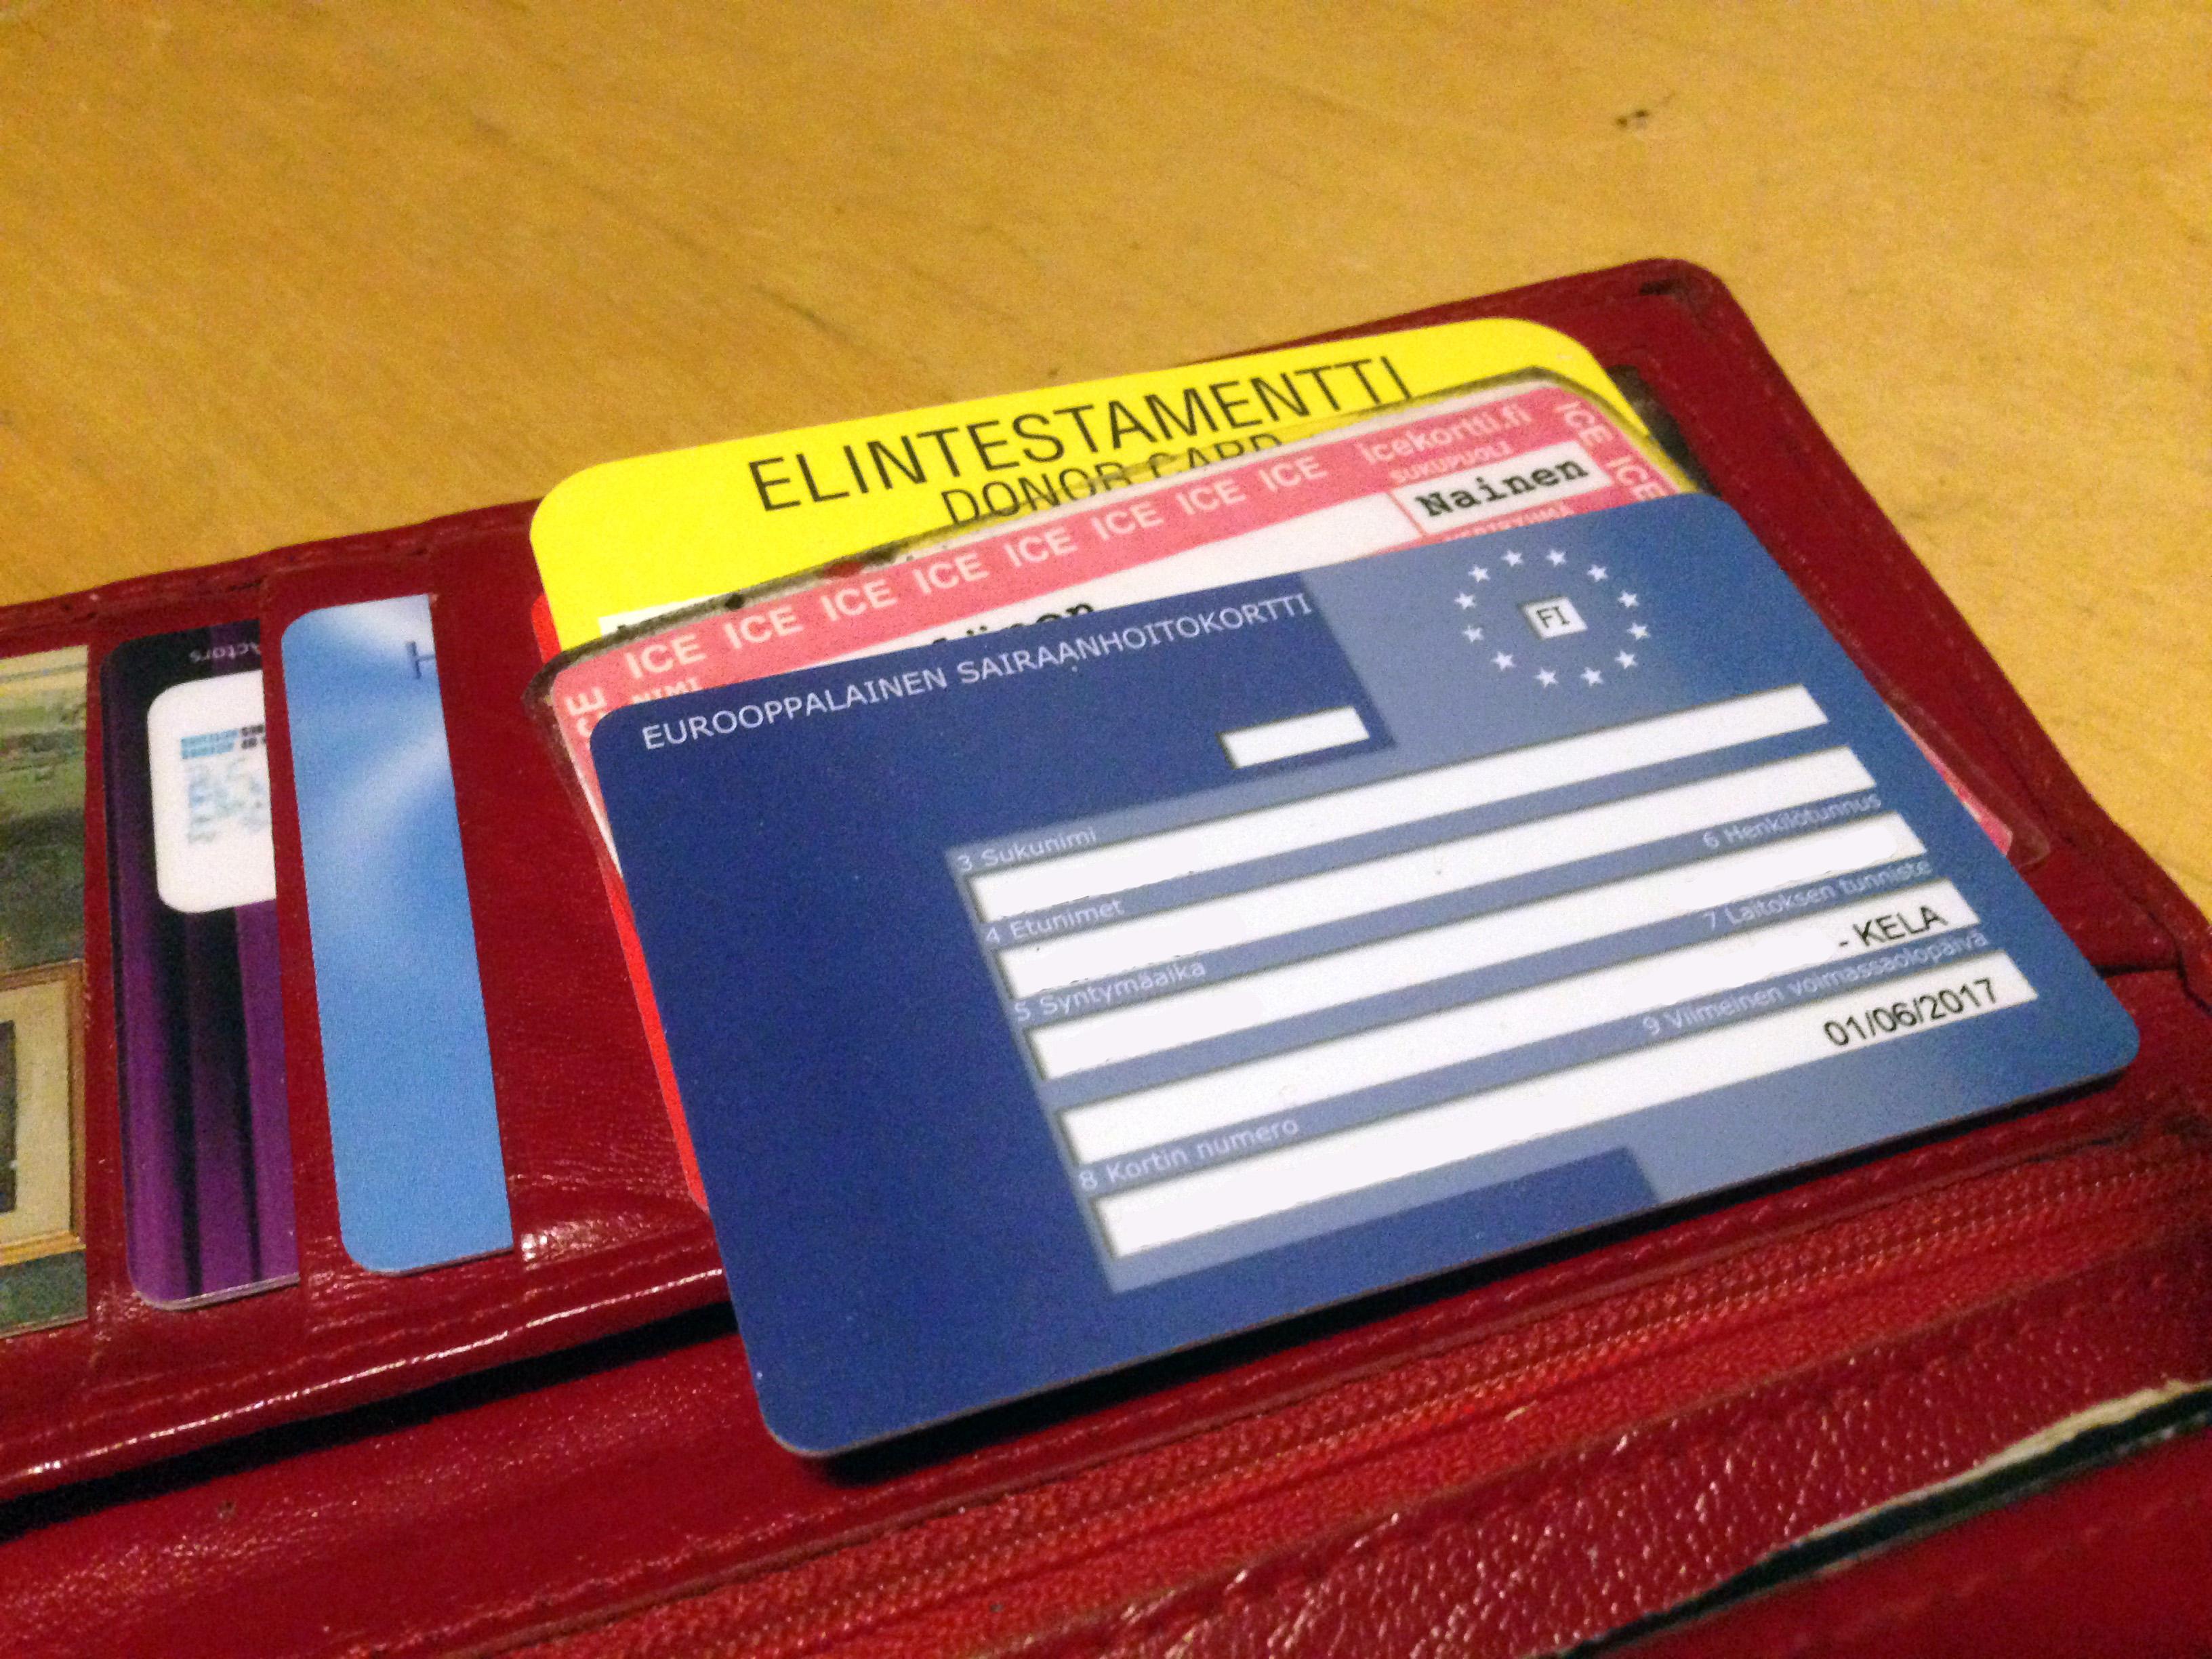 Euroopan Sairaanhoitokortti